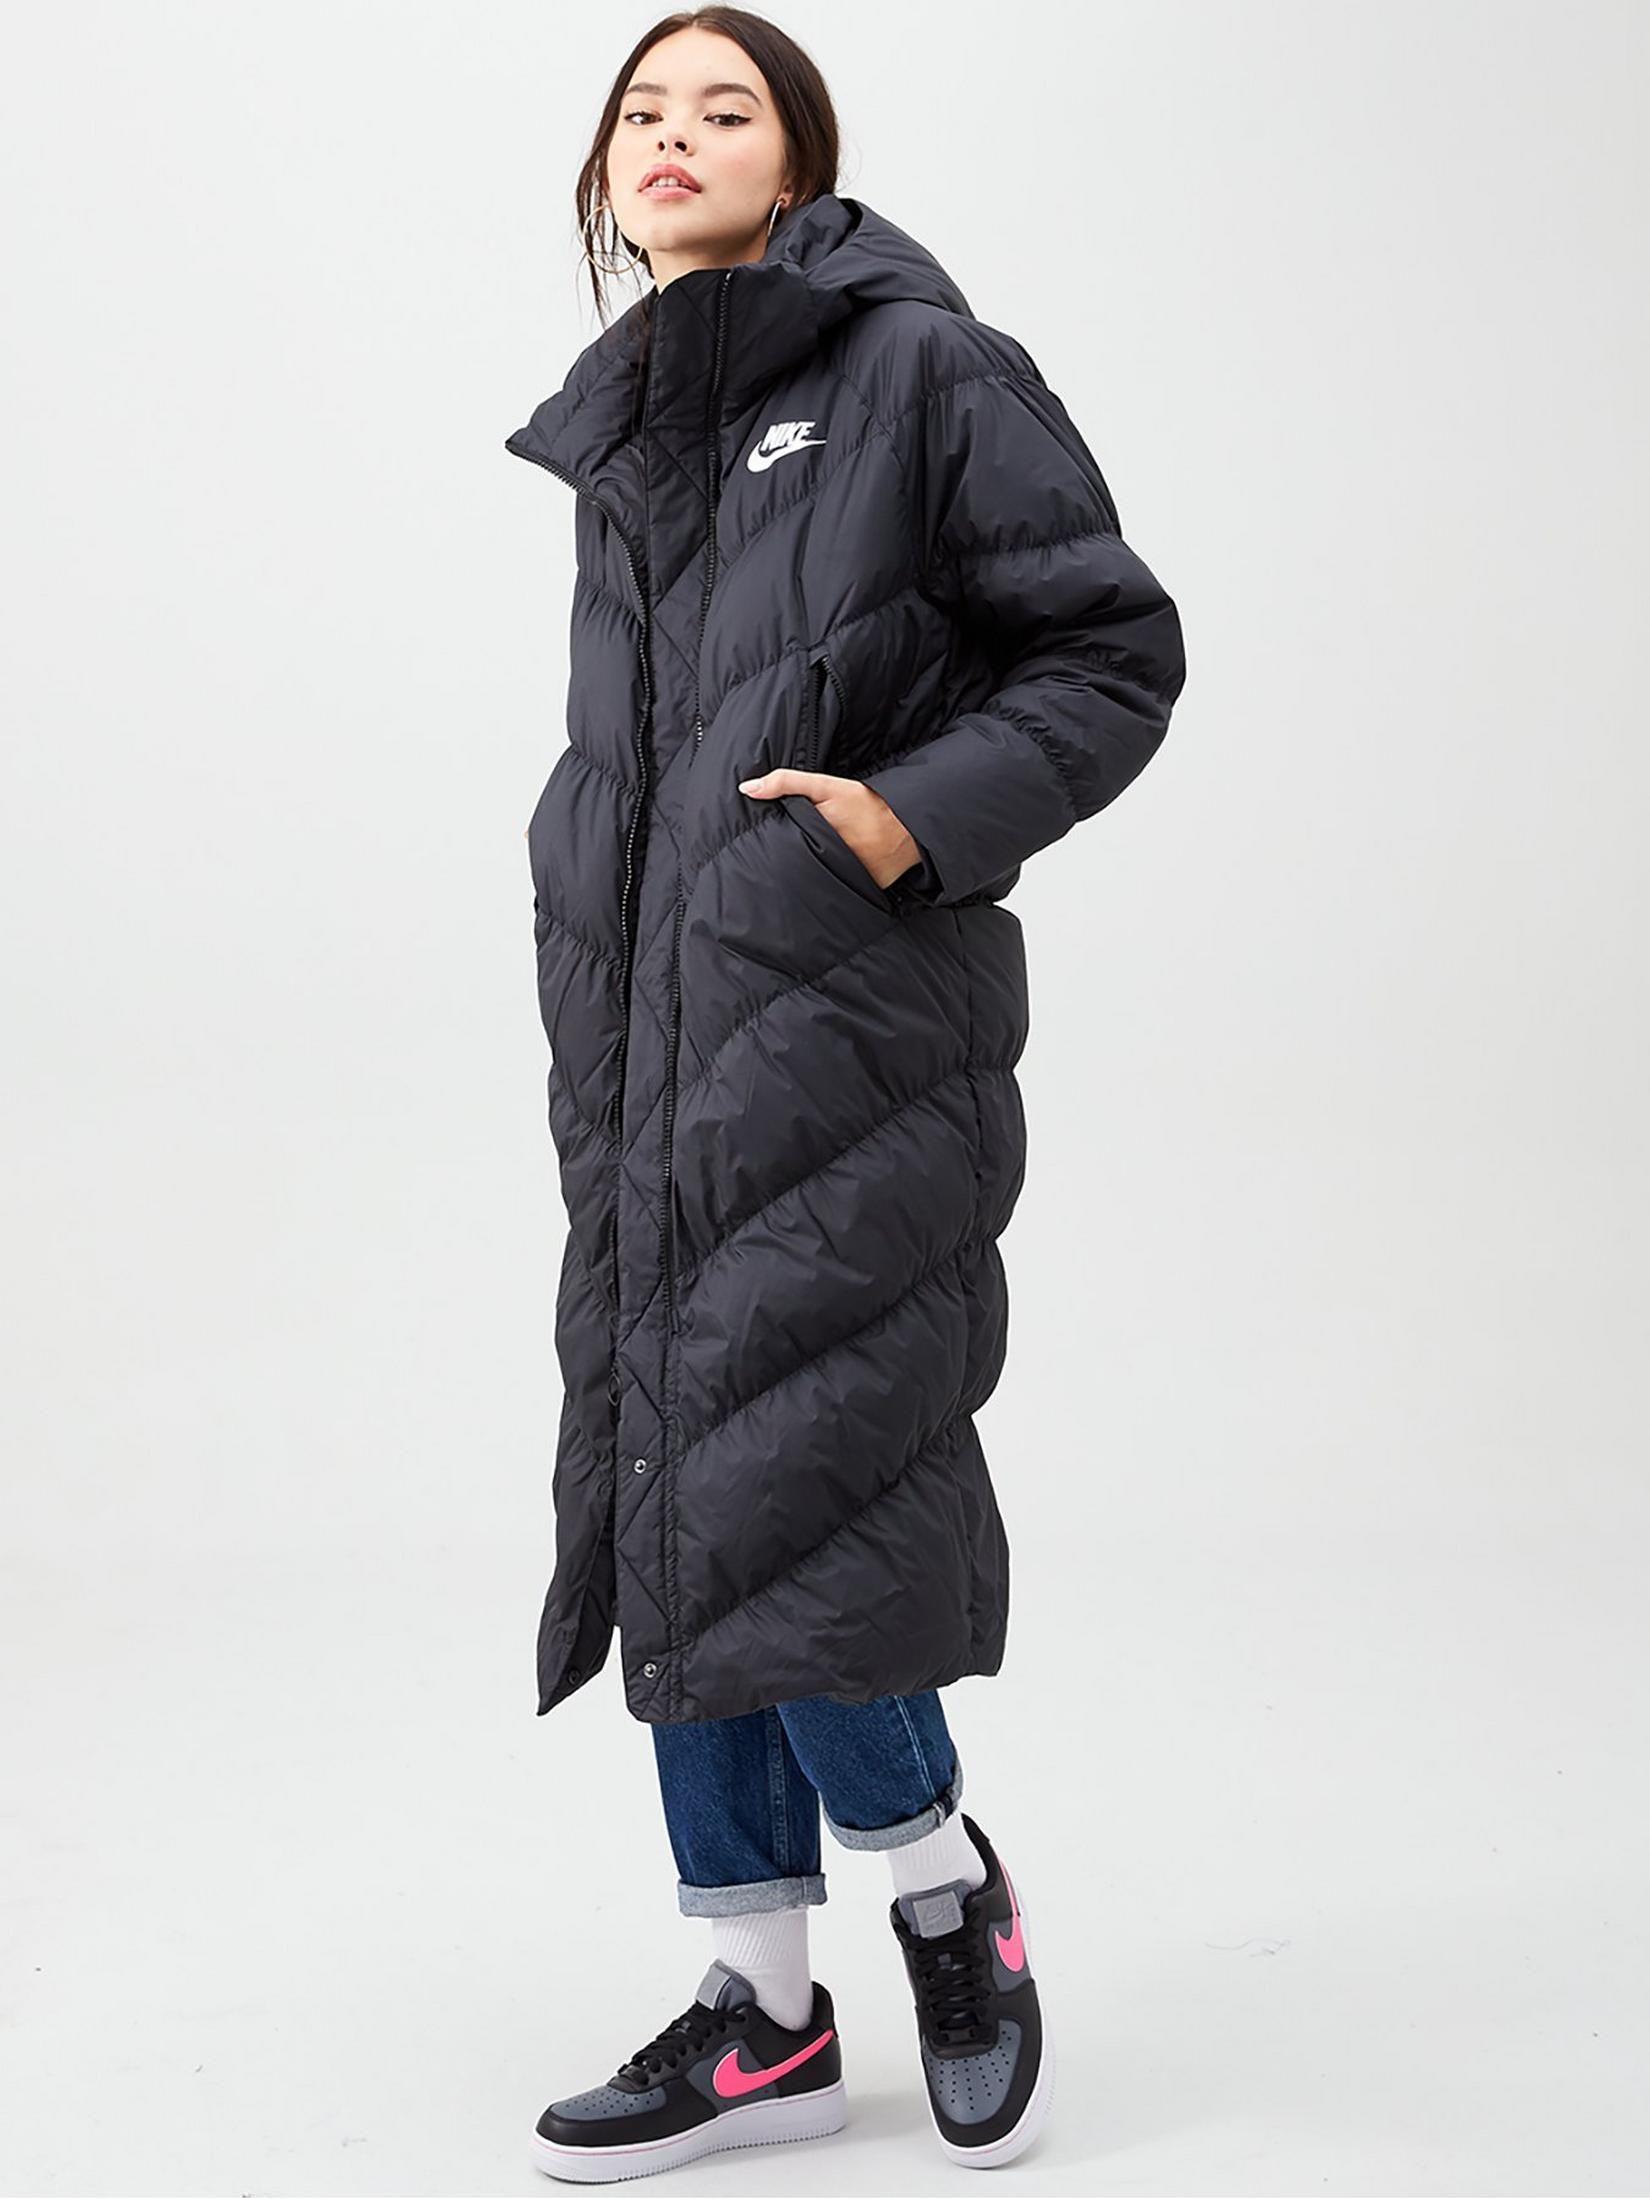 Nike Nsw Down Fill Long Parka Black , Black, Size Xs